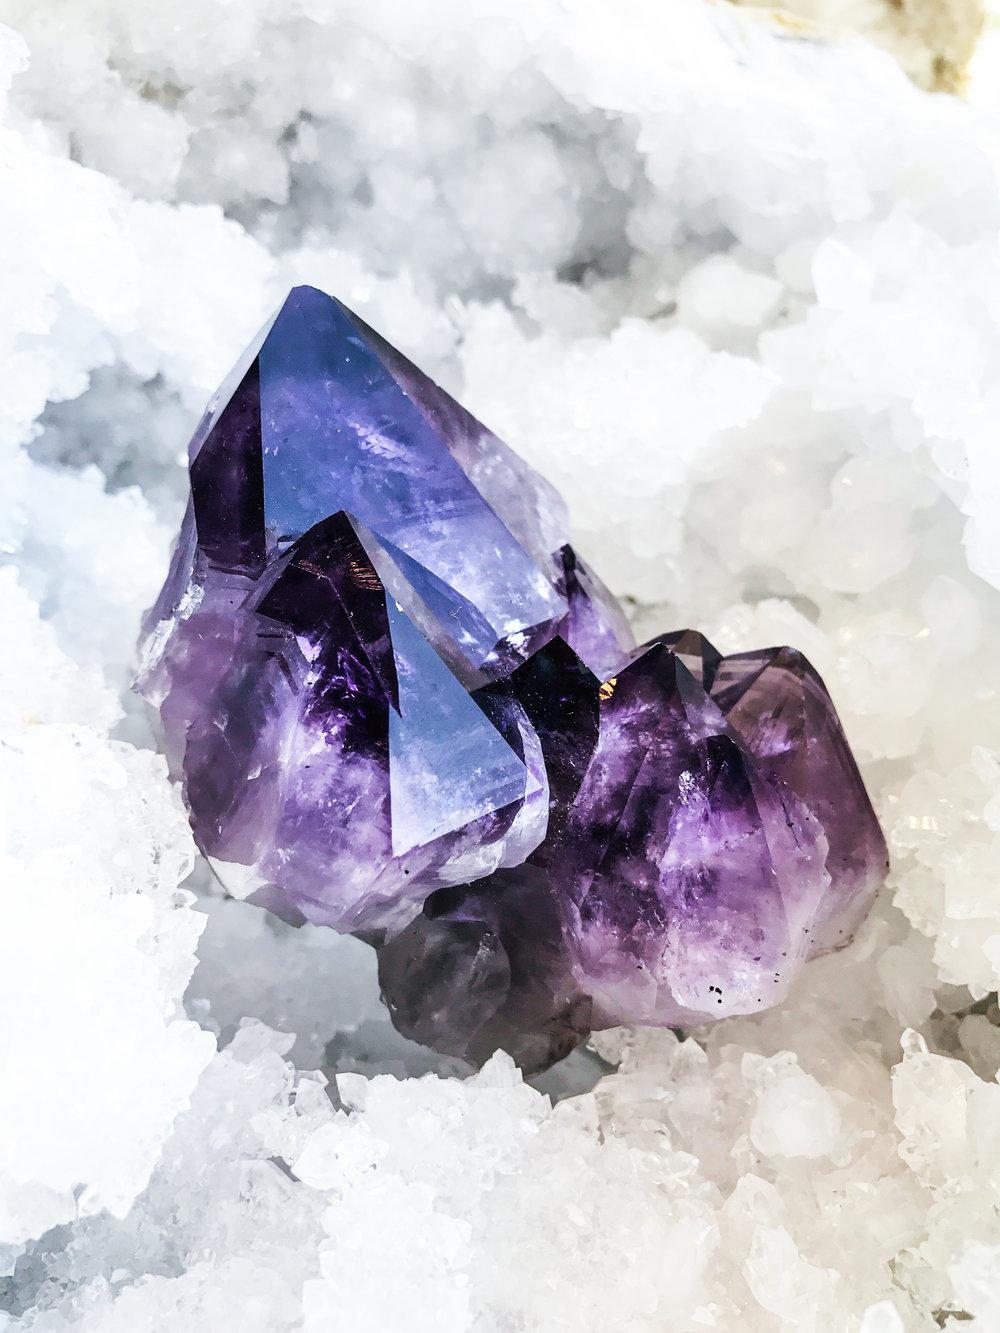 Amethyst.  Photo credit:  Jordie Caskey , taken at  Crystalarium  in Los Angeles, California.